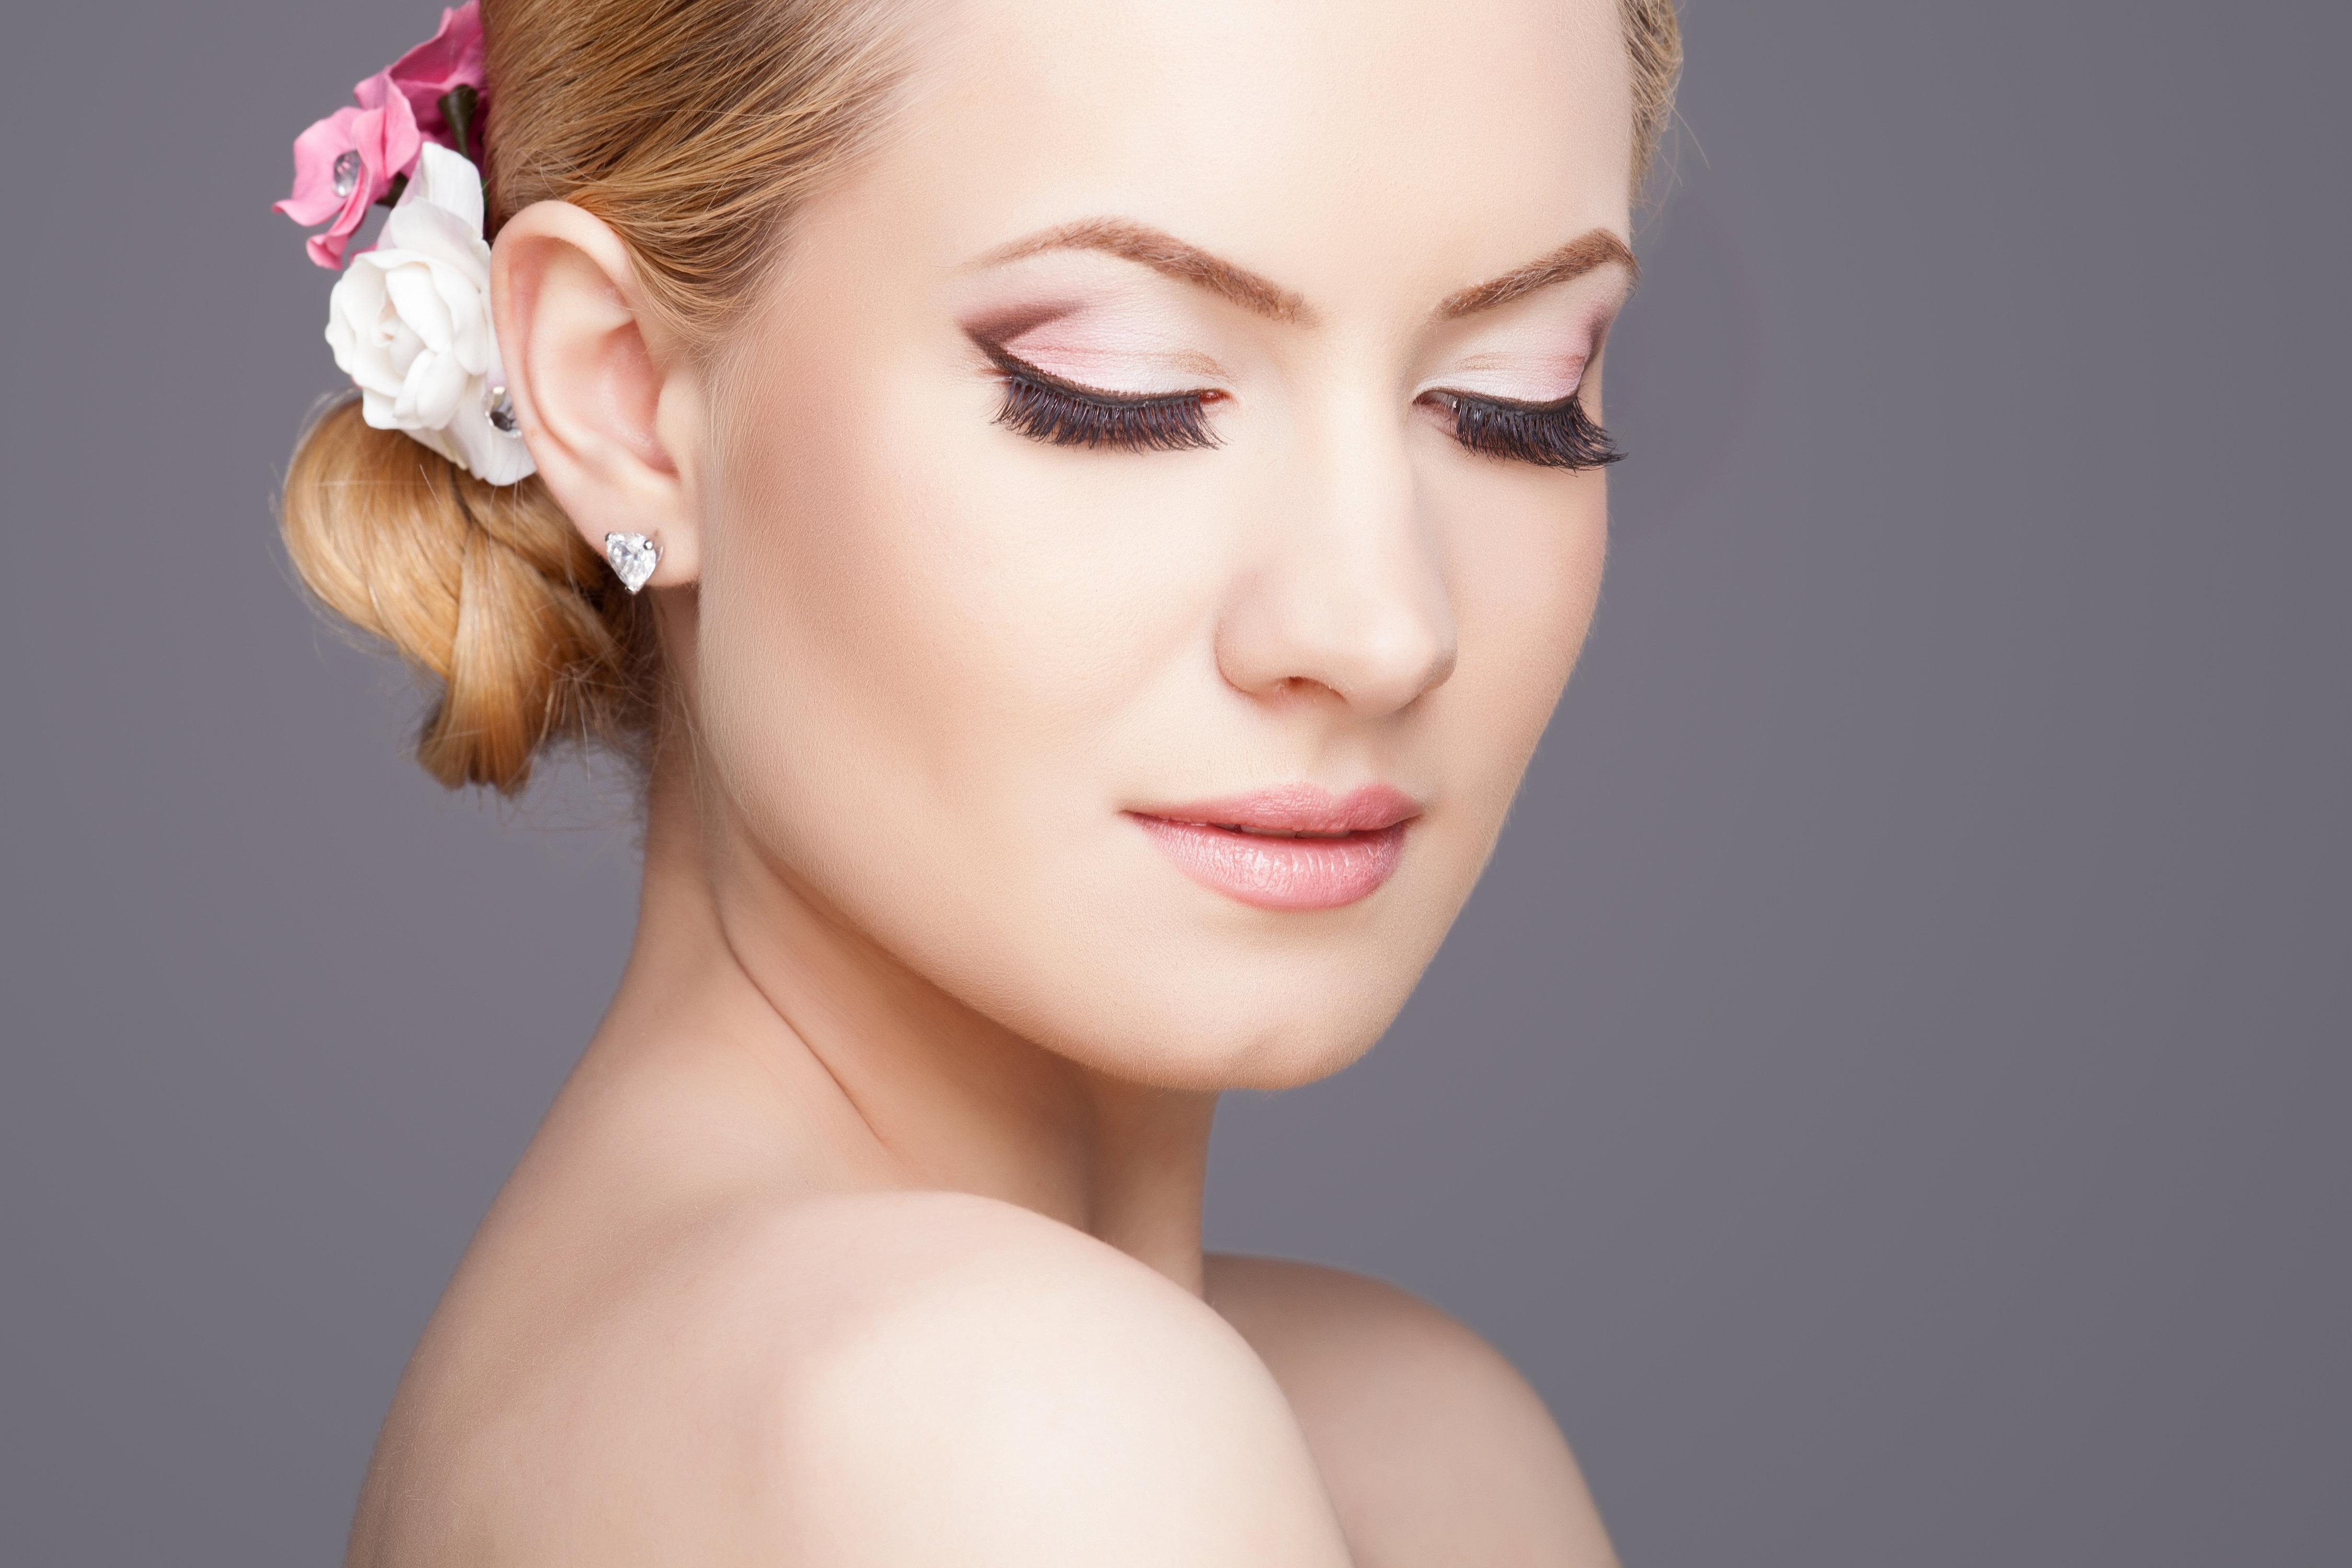 Самые красивые девушки брюнетки невесты 17 фотография